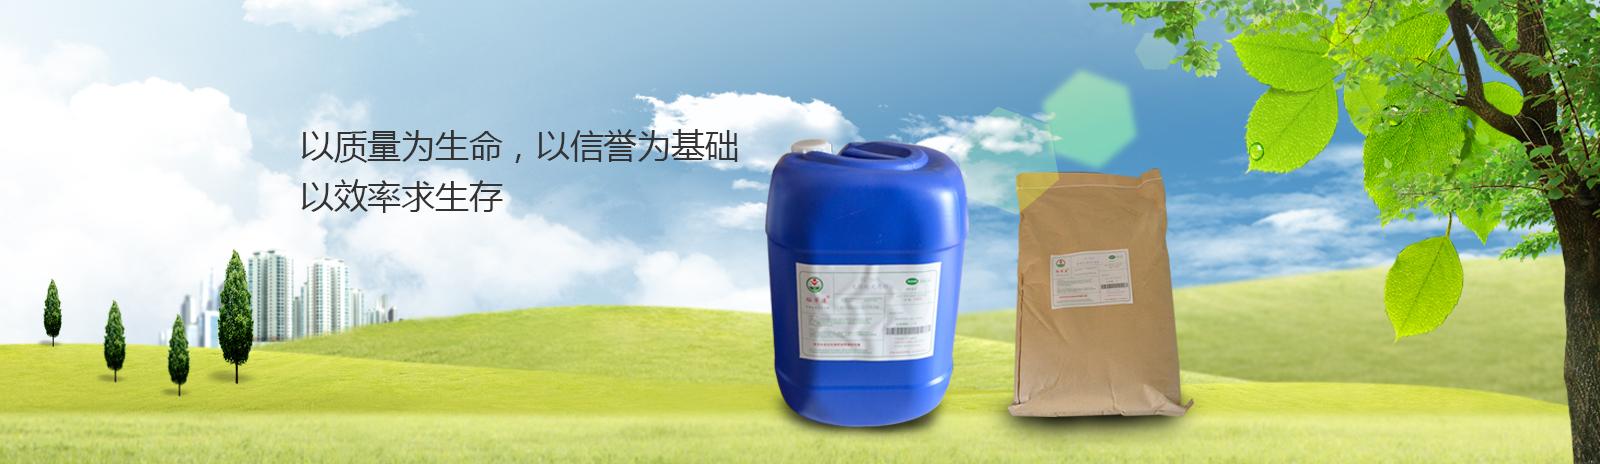 环保超级反渗透净水器